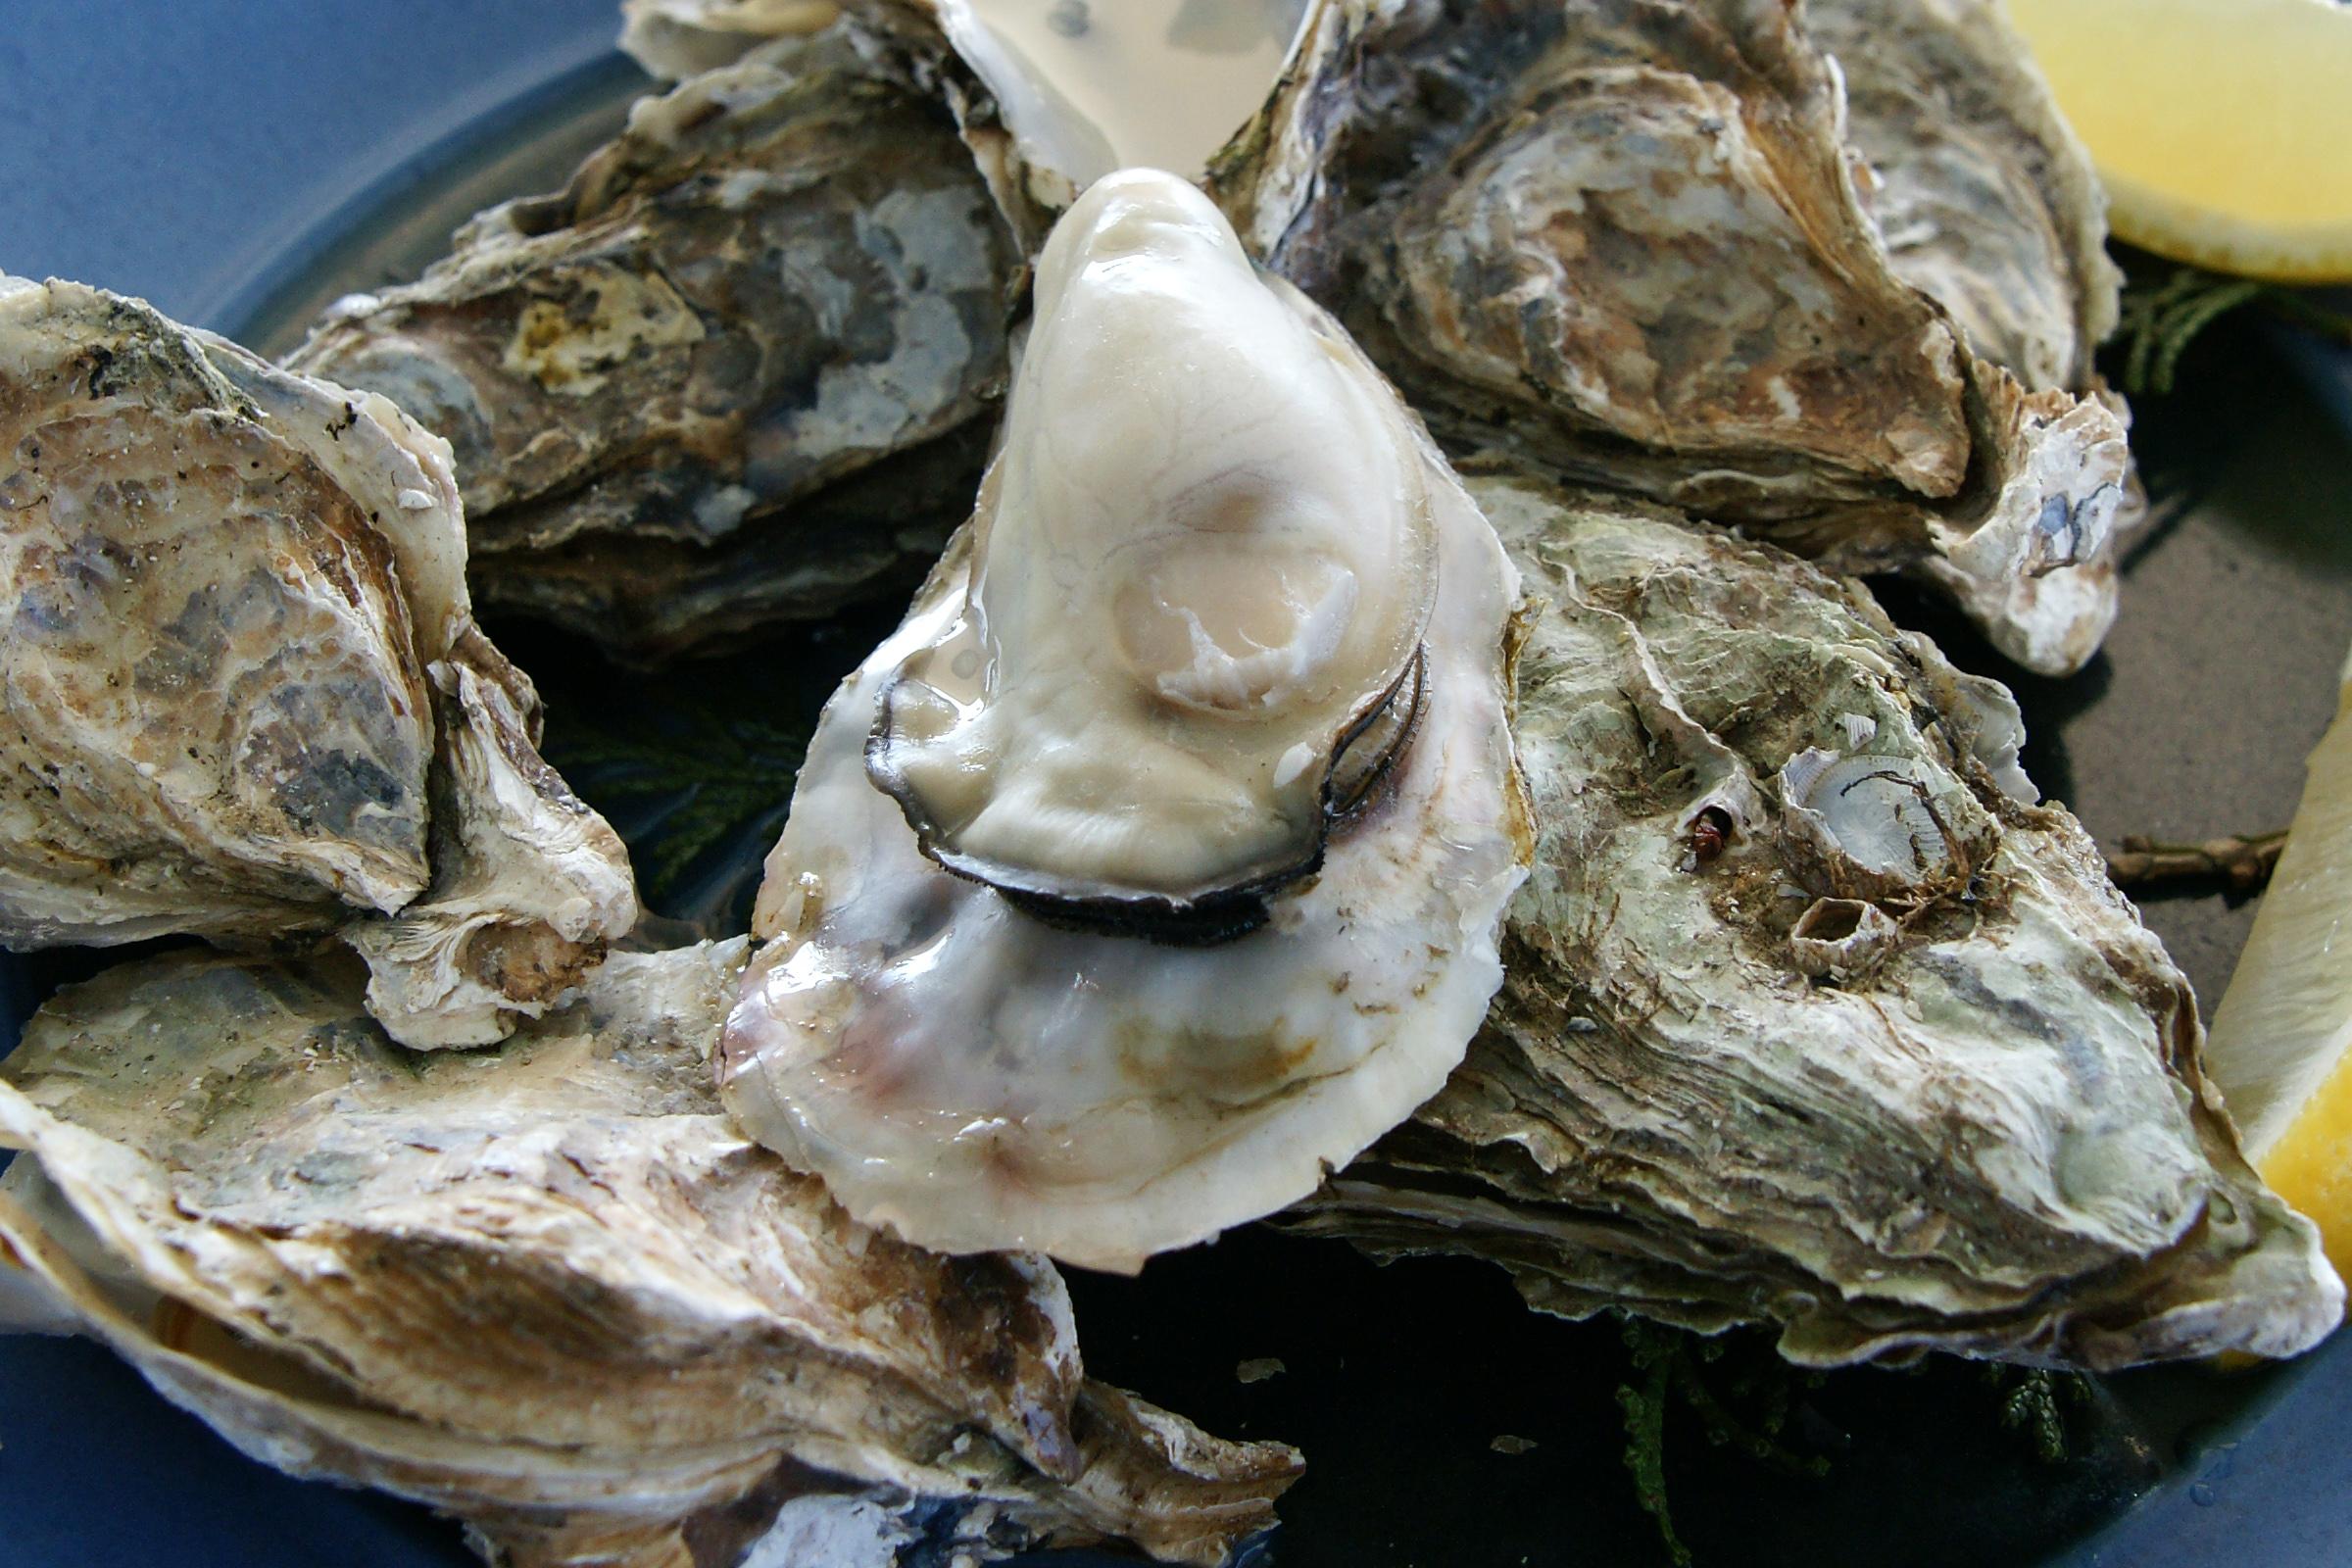 日本全国版!美味しい牡蠣を食べ尽くそう!牡蠣食べ放題の人気店のサムネイル画像